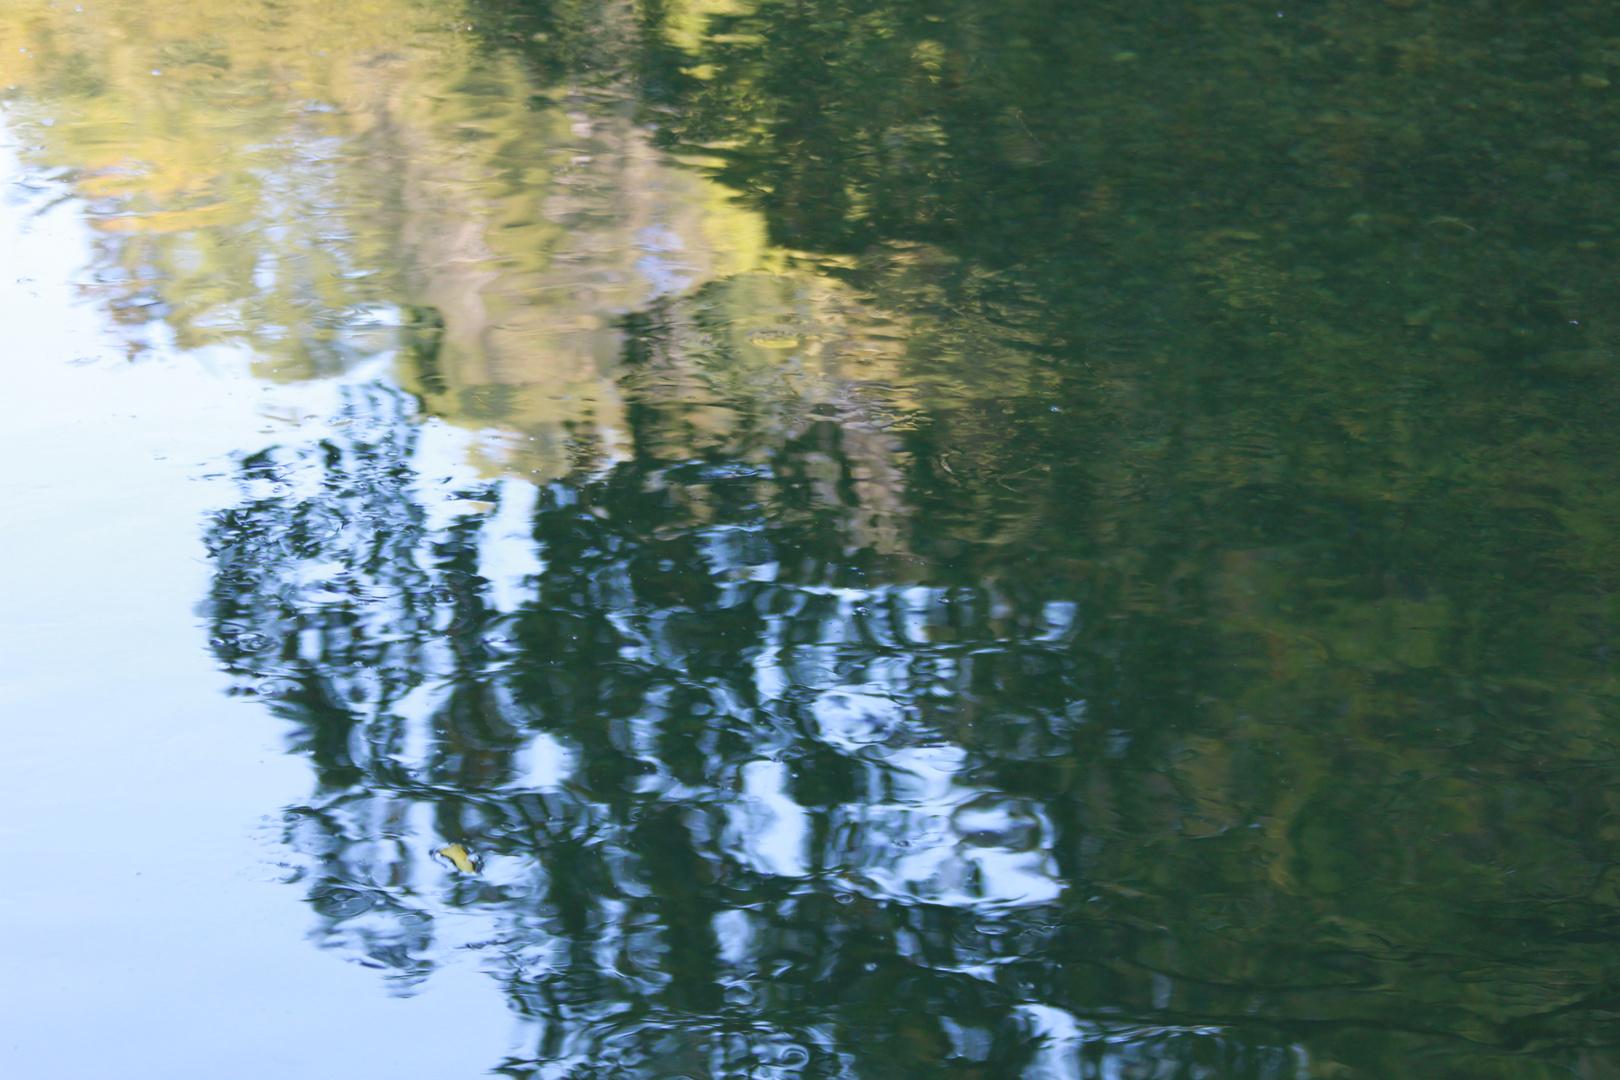 Farbenspiel im Wasser